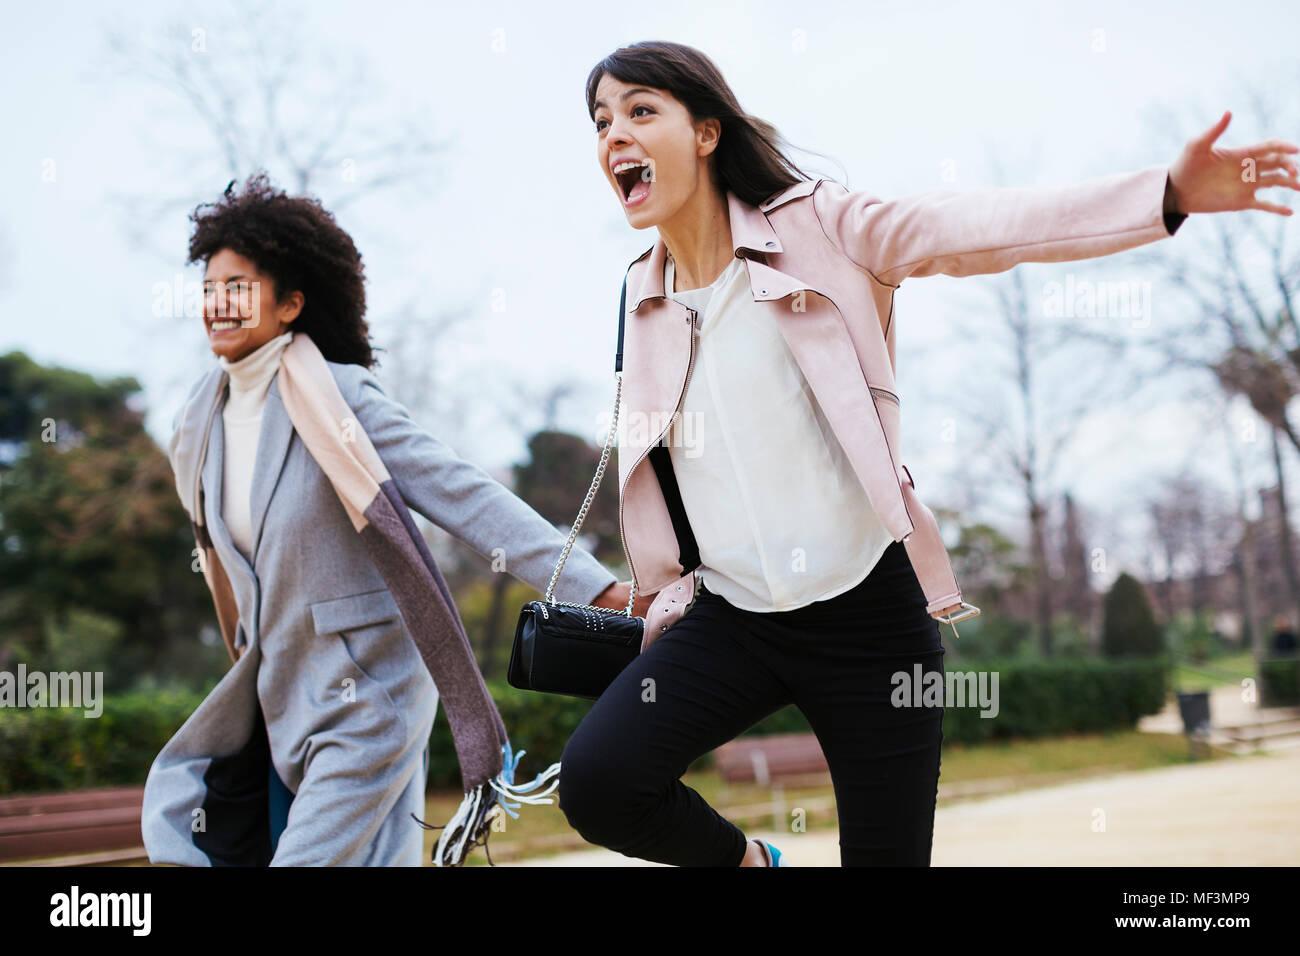 España, Barcelona, dos exuberantes mujeres corriendo en el parque de la ciudad Imagen De Stock